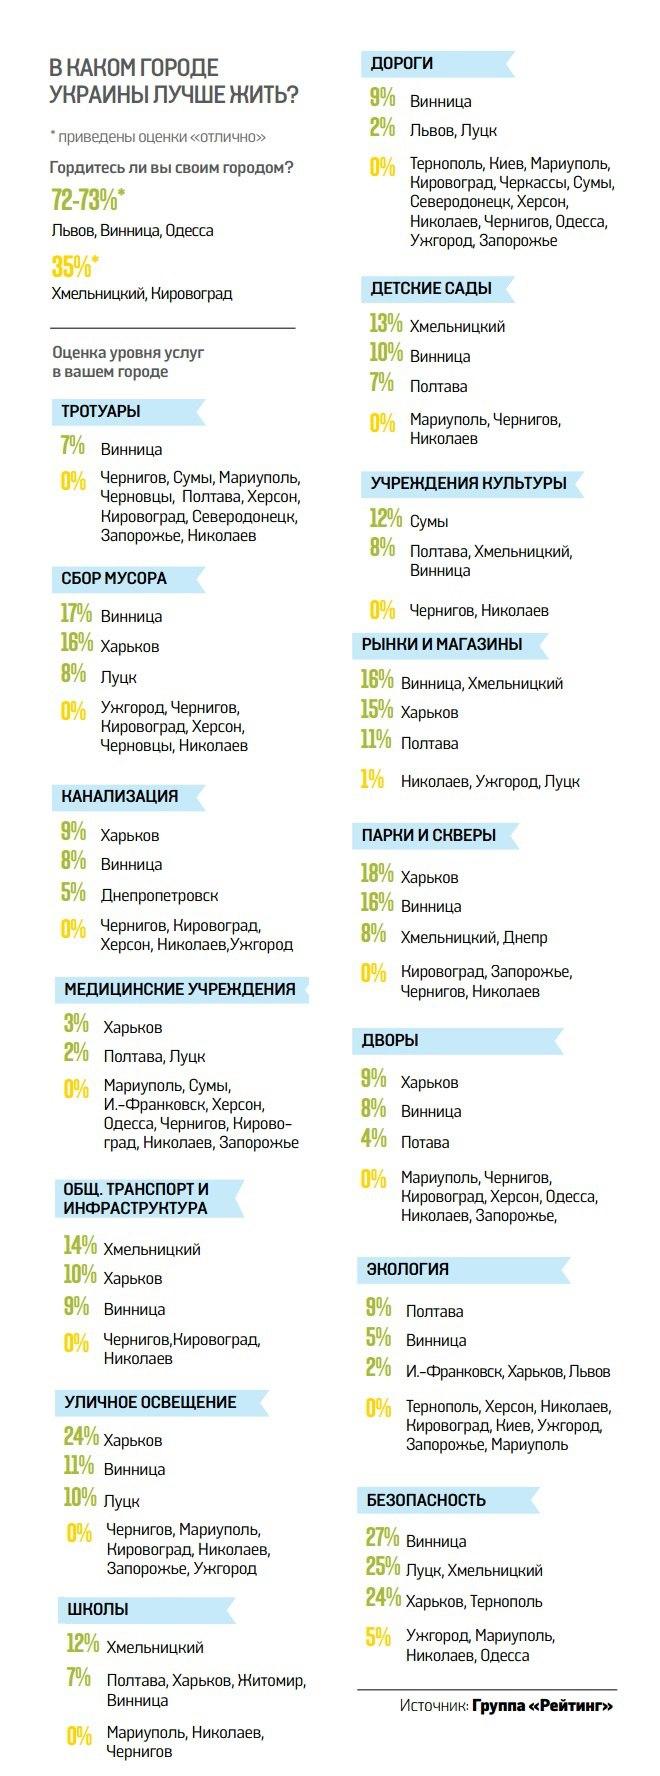 Украинцы оценили качество дорог в разных городах страны 1